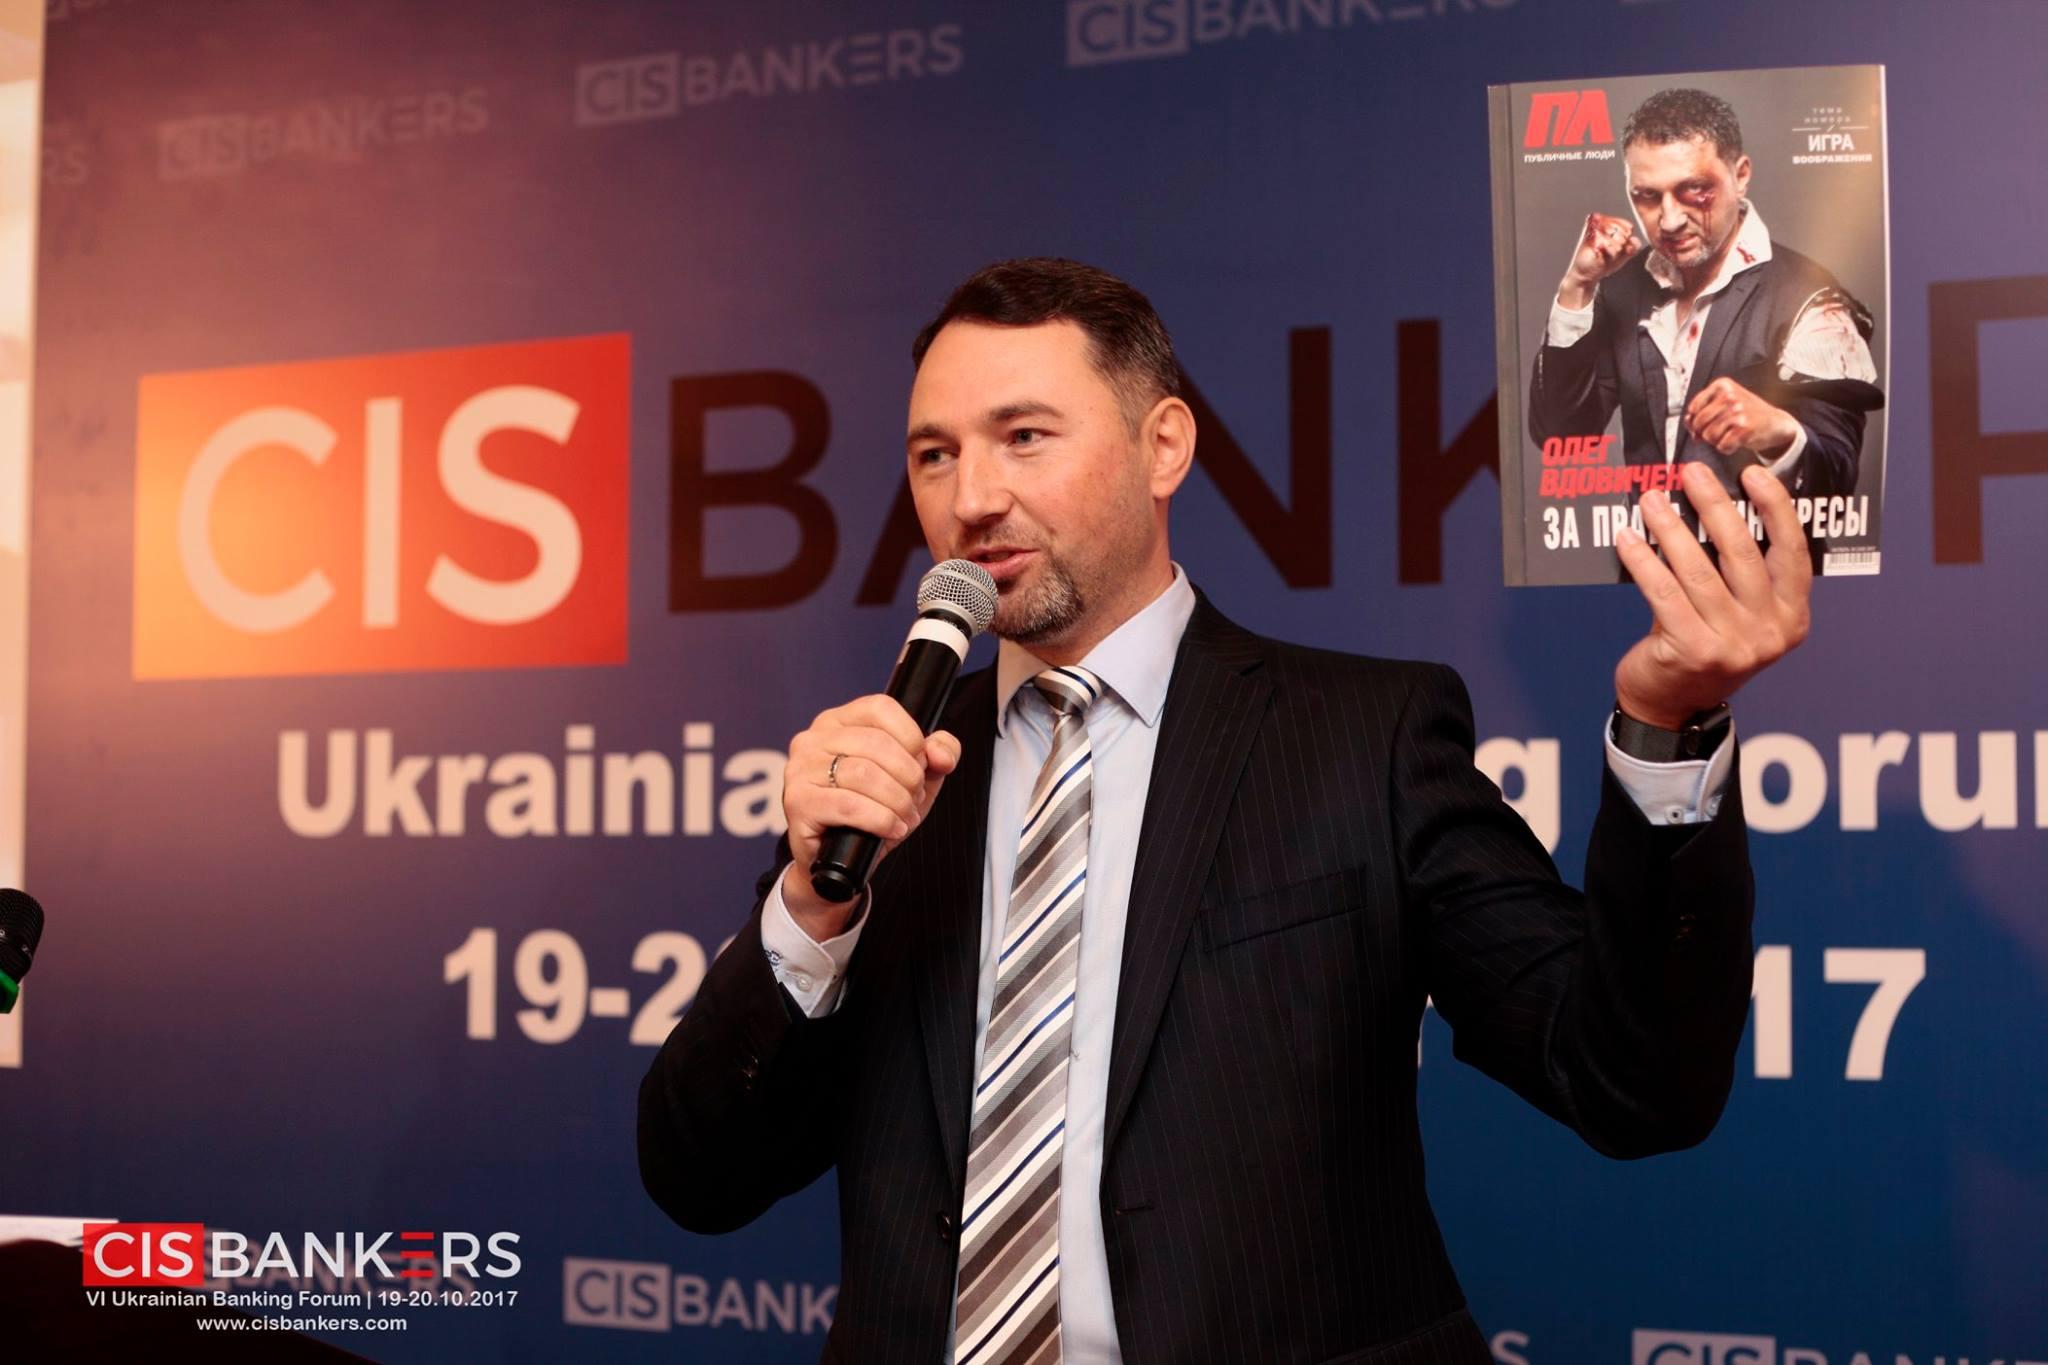 Олег Вдовичен став учасником Українського банківського форуму CIS_bankers